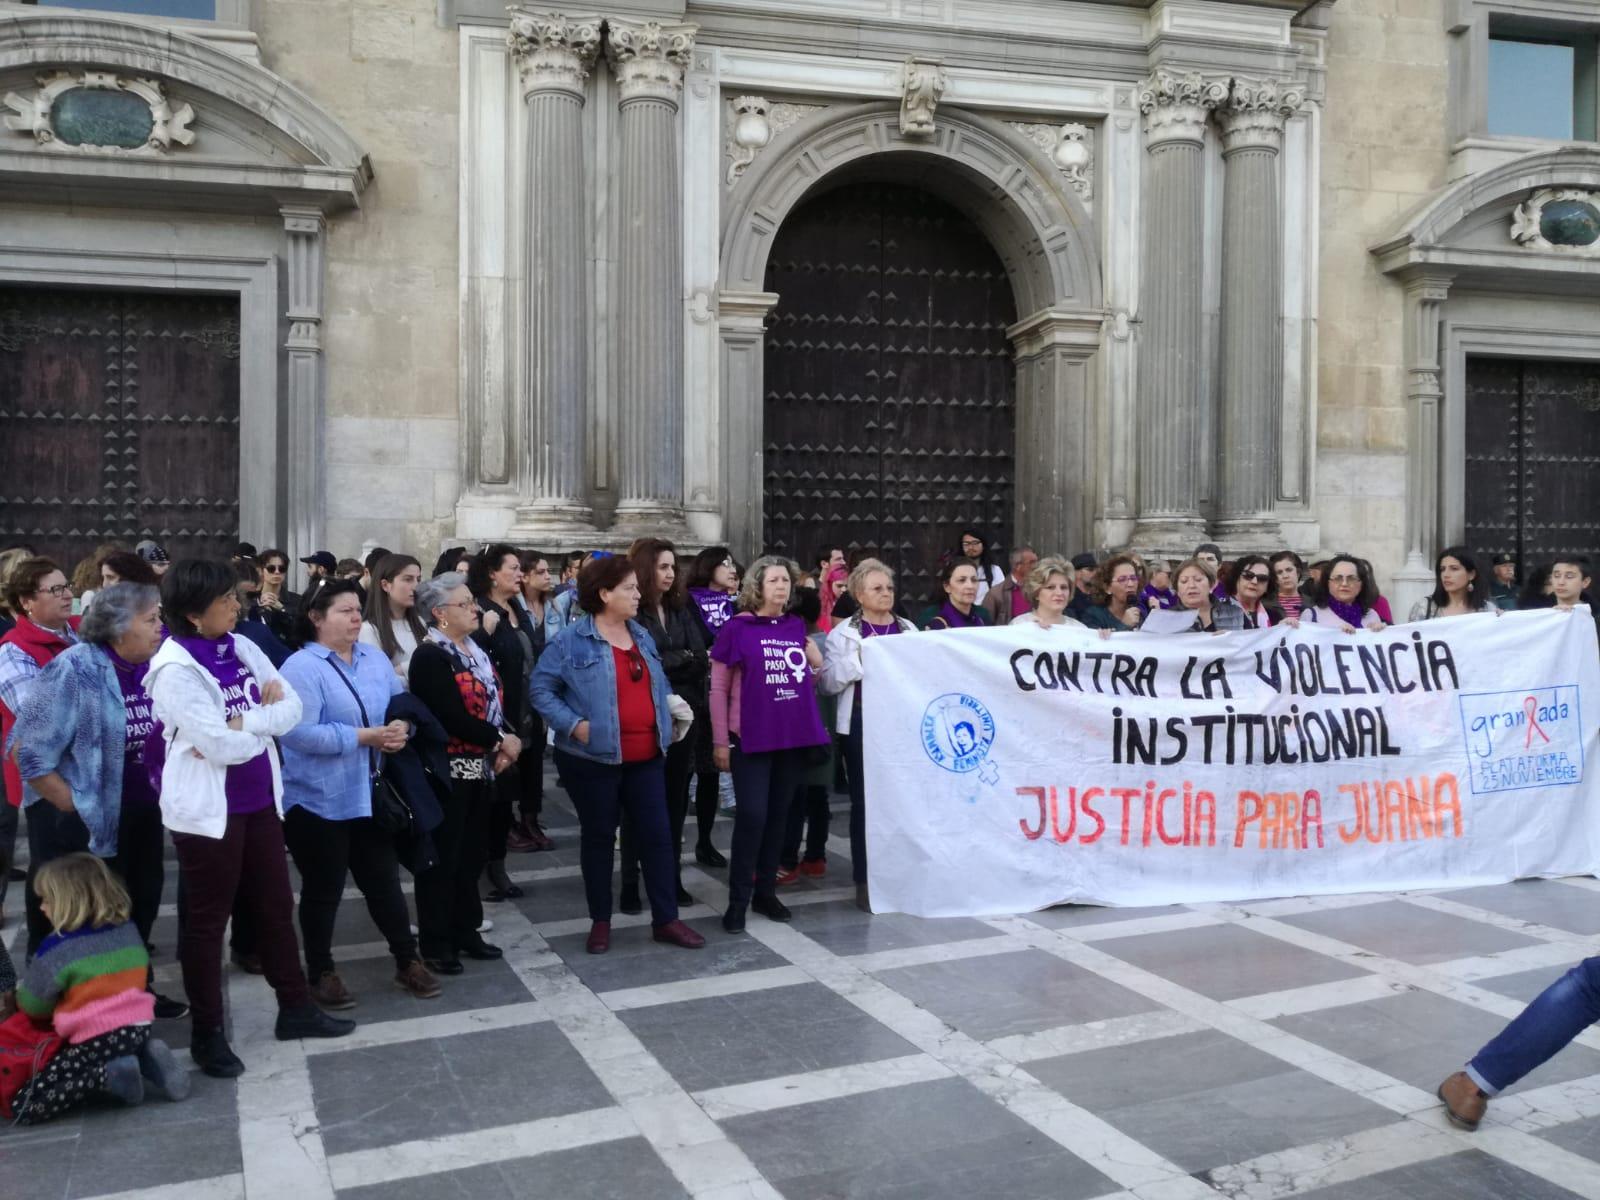 Una concentración de apoyo a Juana Rivas califica la condena como «violencia institucional»